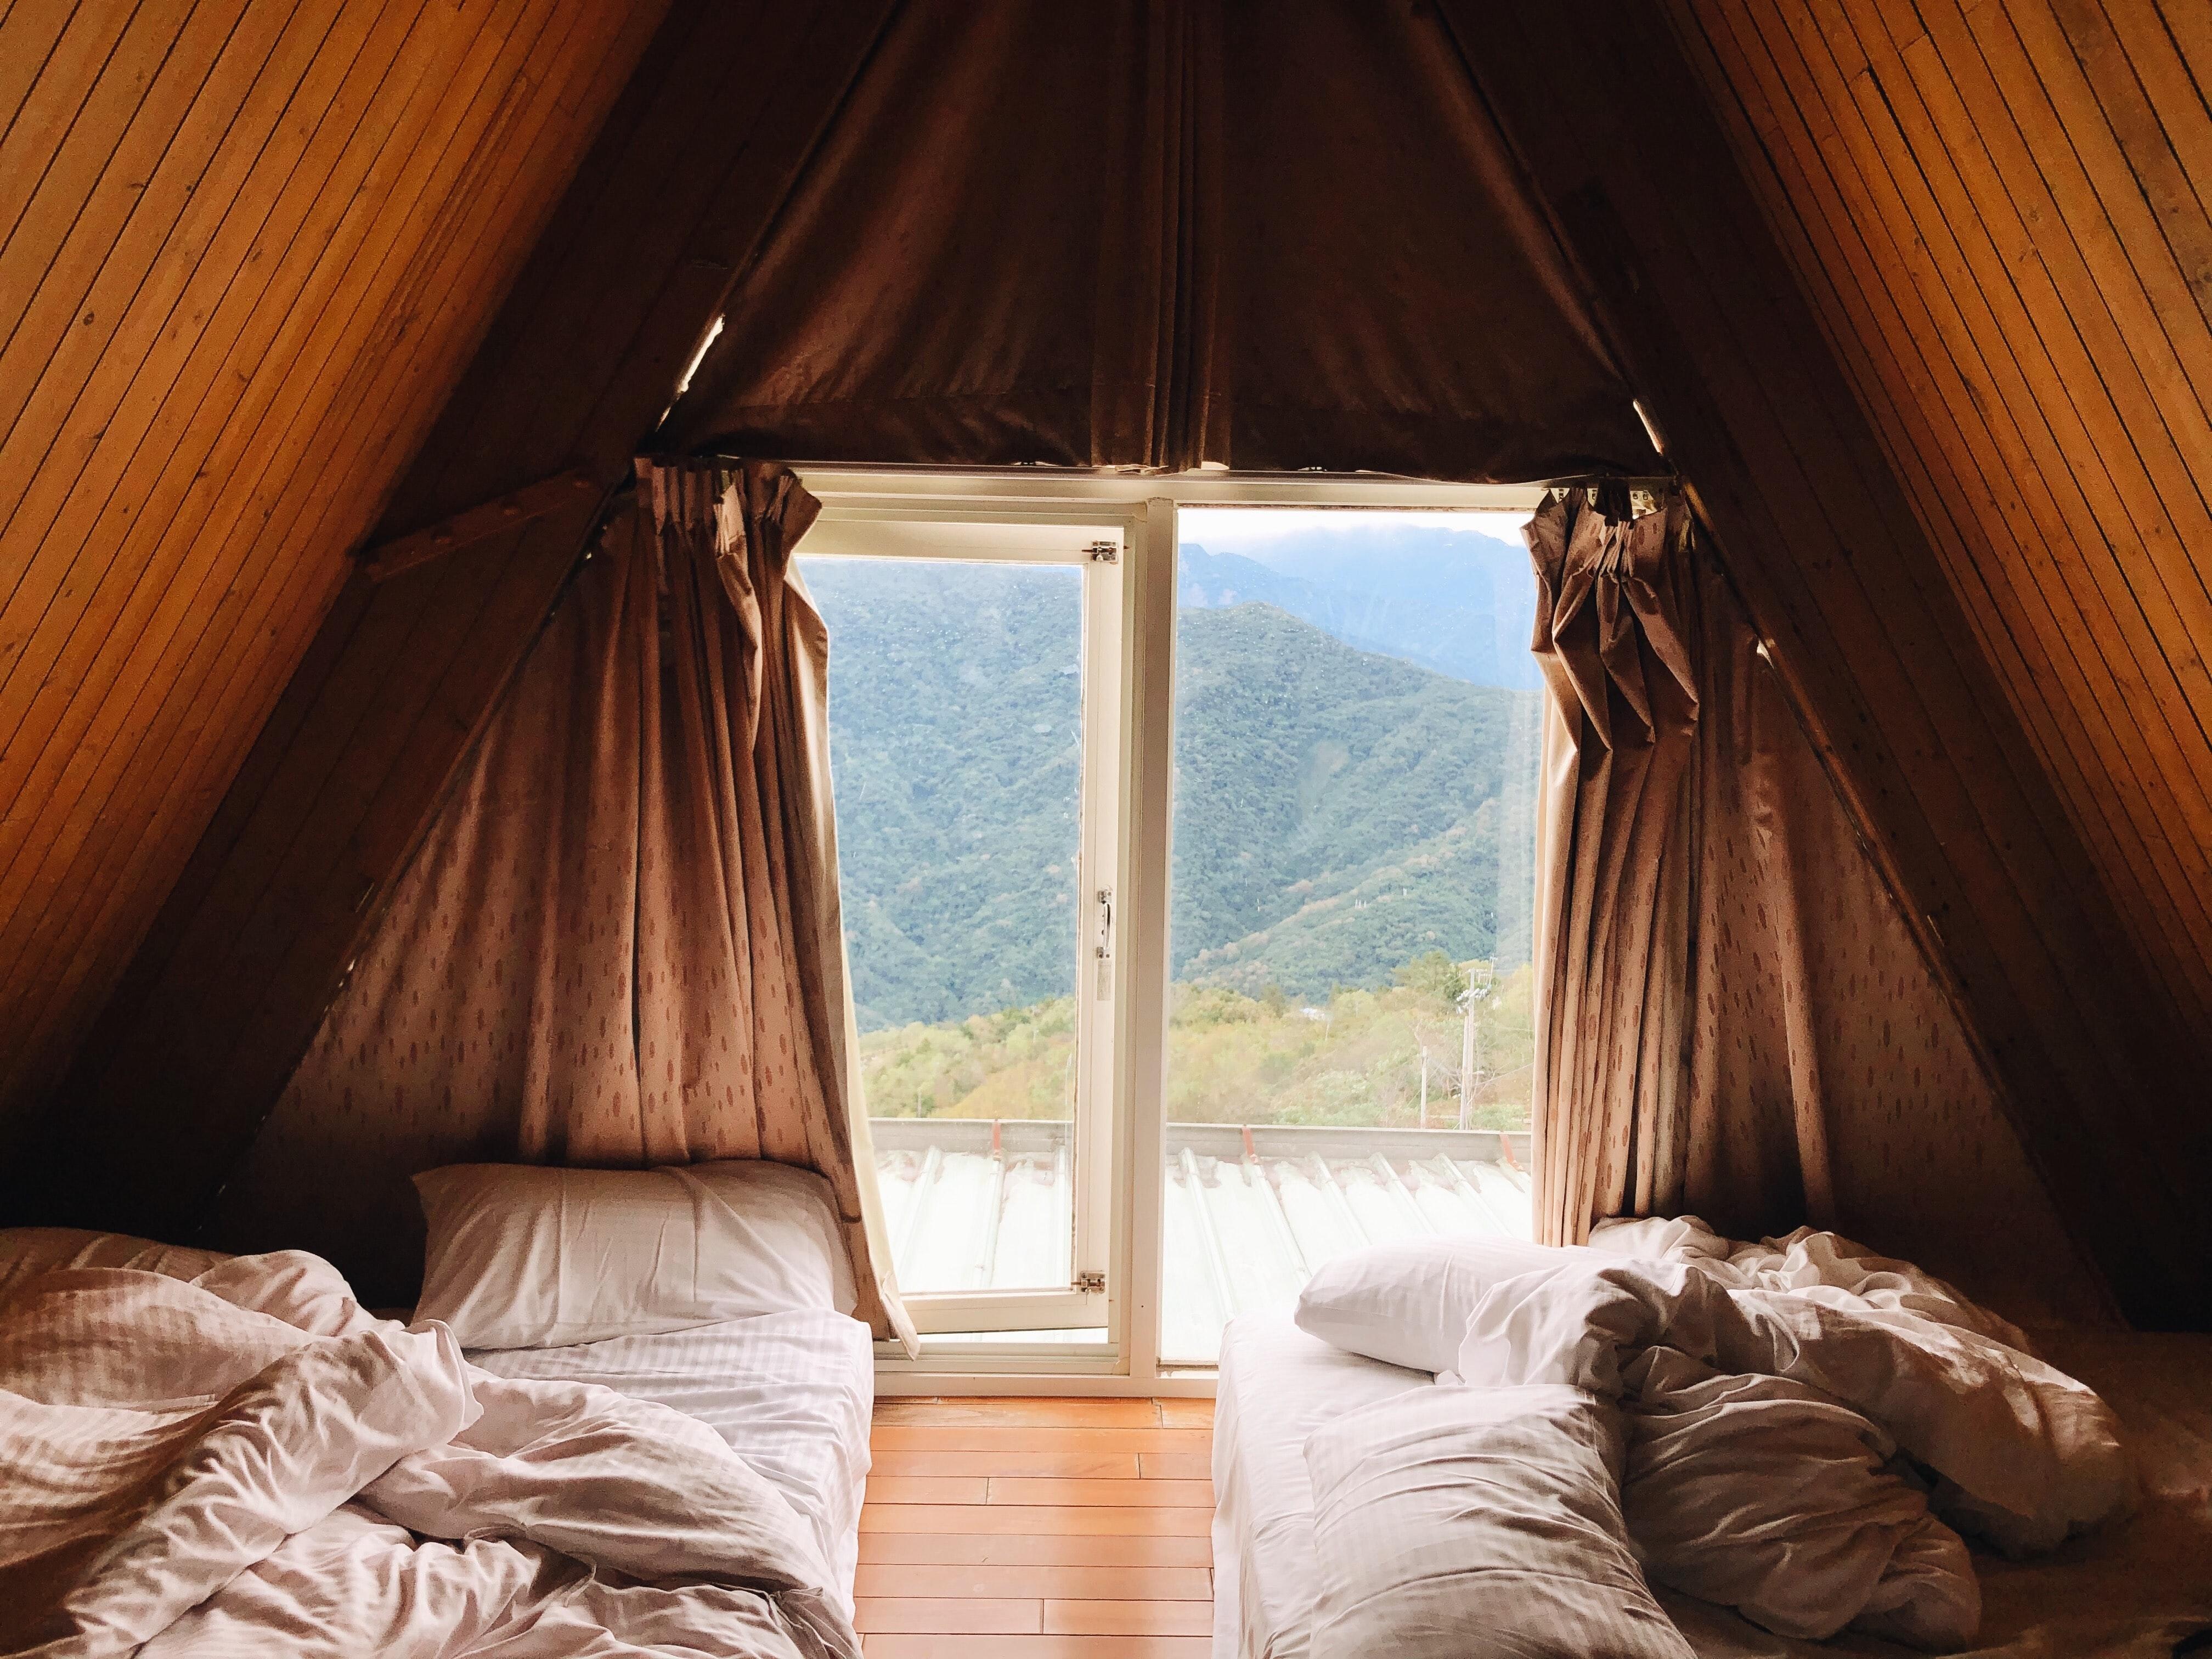 5 Bedroom Hacks for a Good Night's Sleep